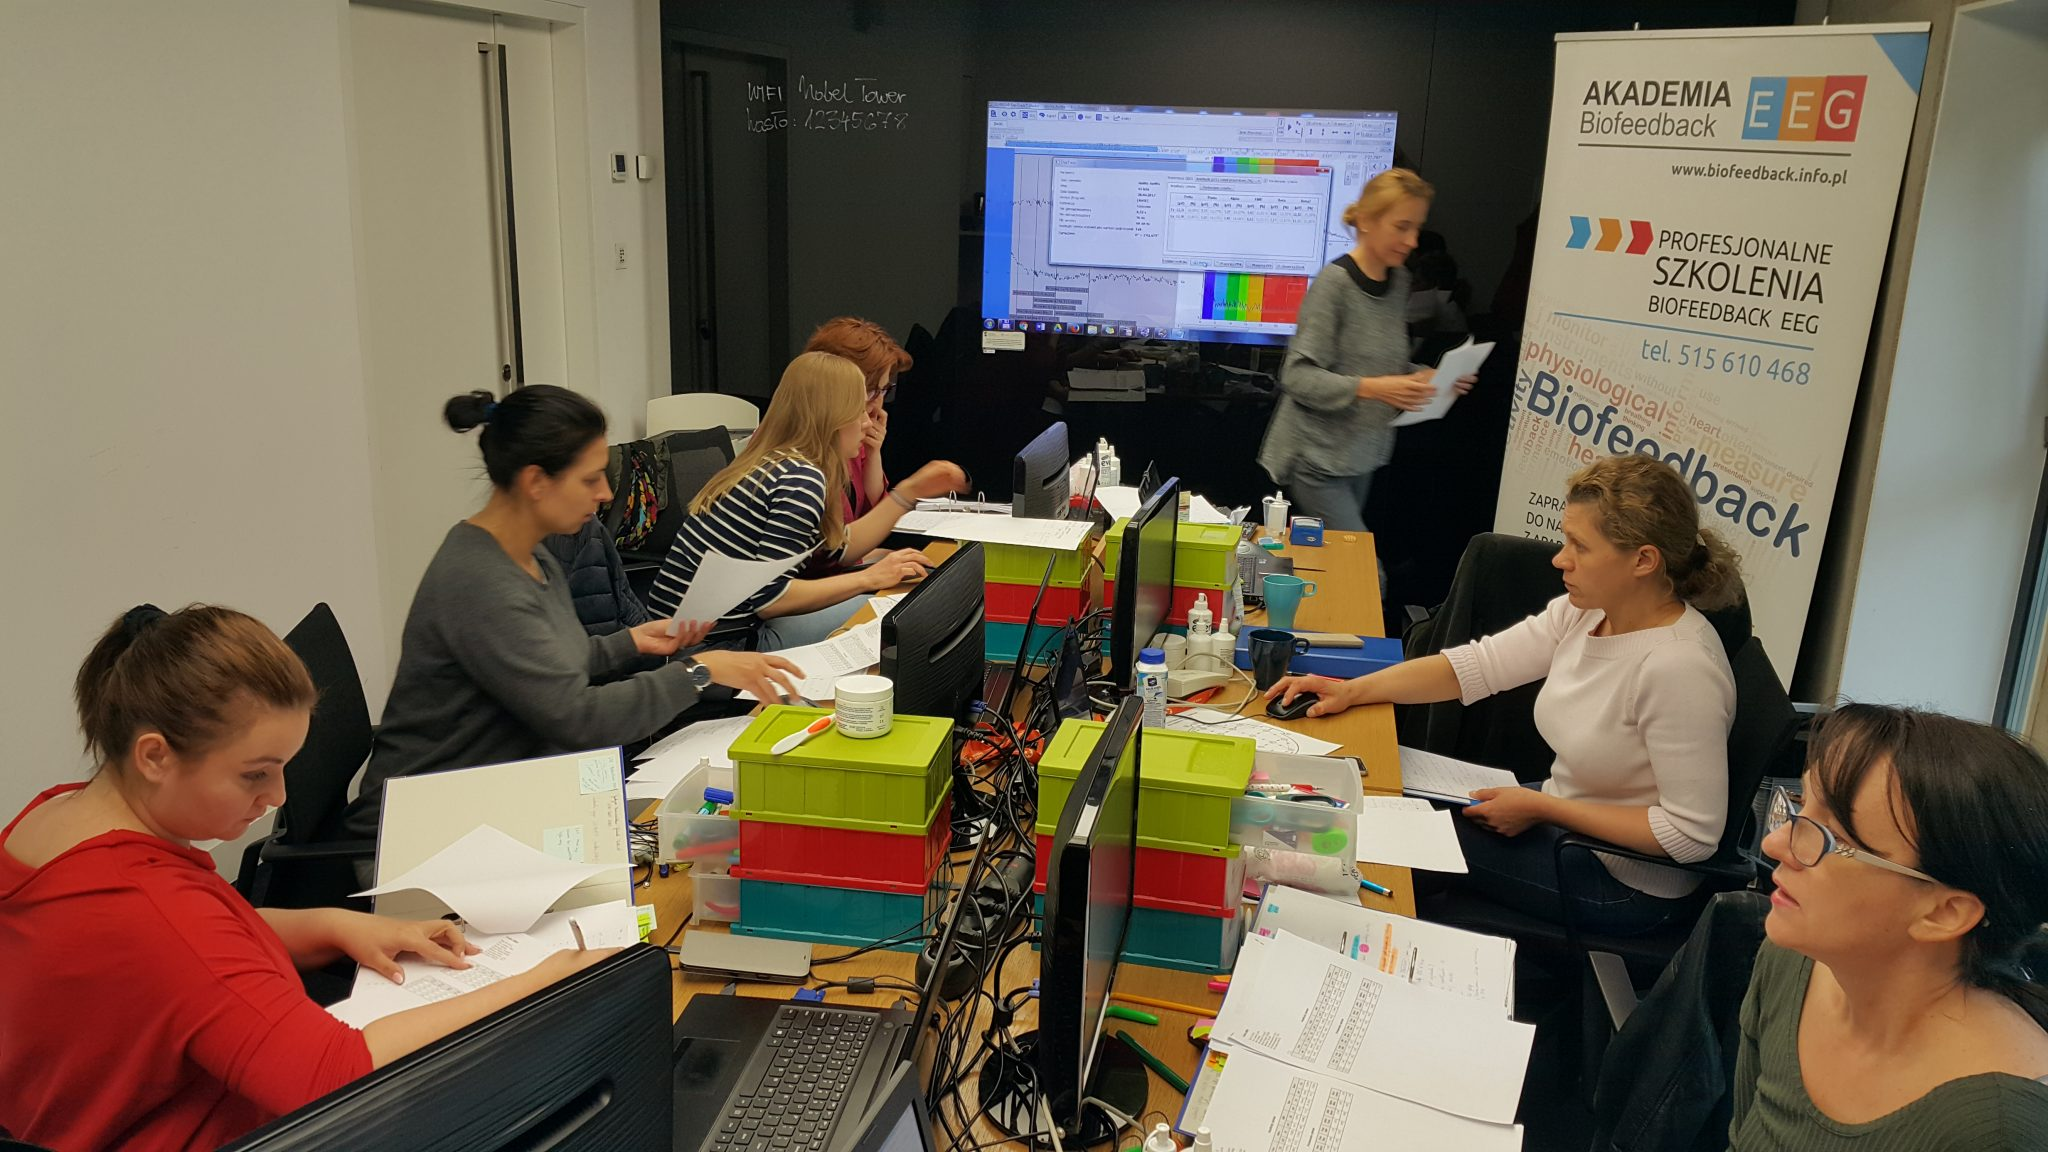 Szkolenie Biofeedback EEG I stopnia – Poznań 11-14.05.2017 r.